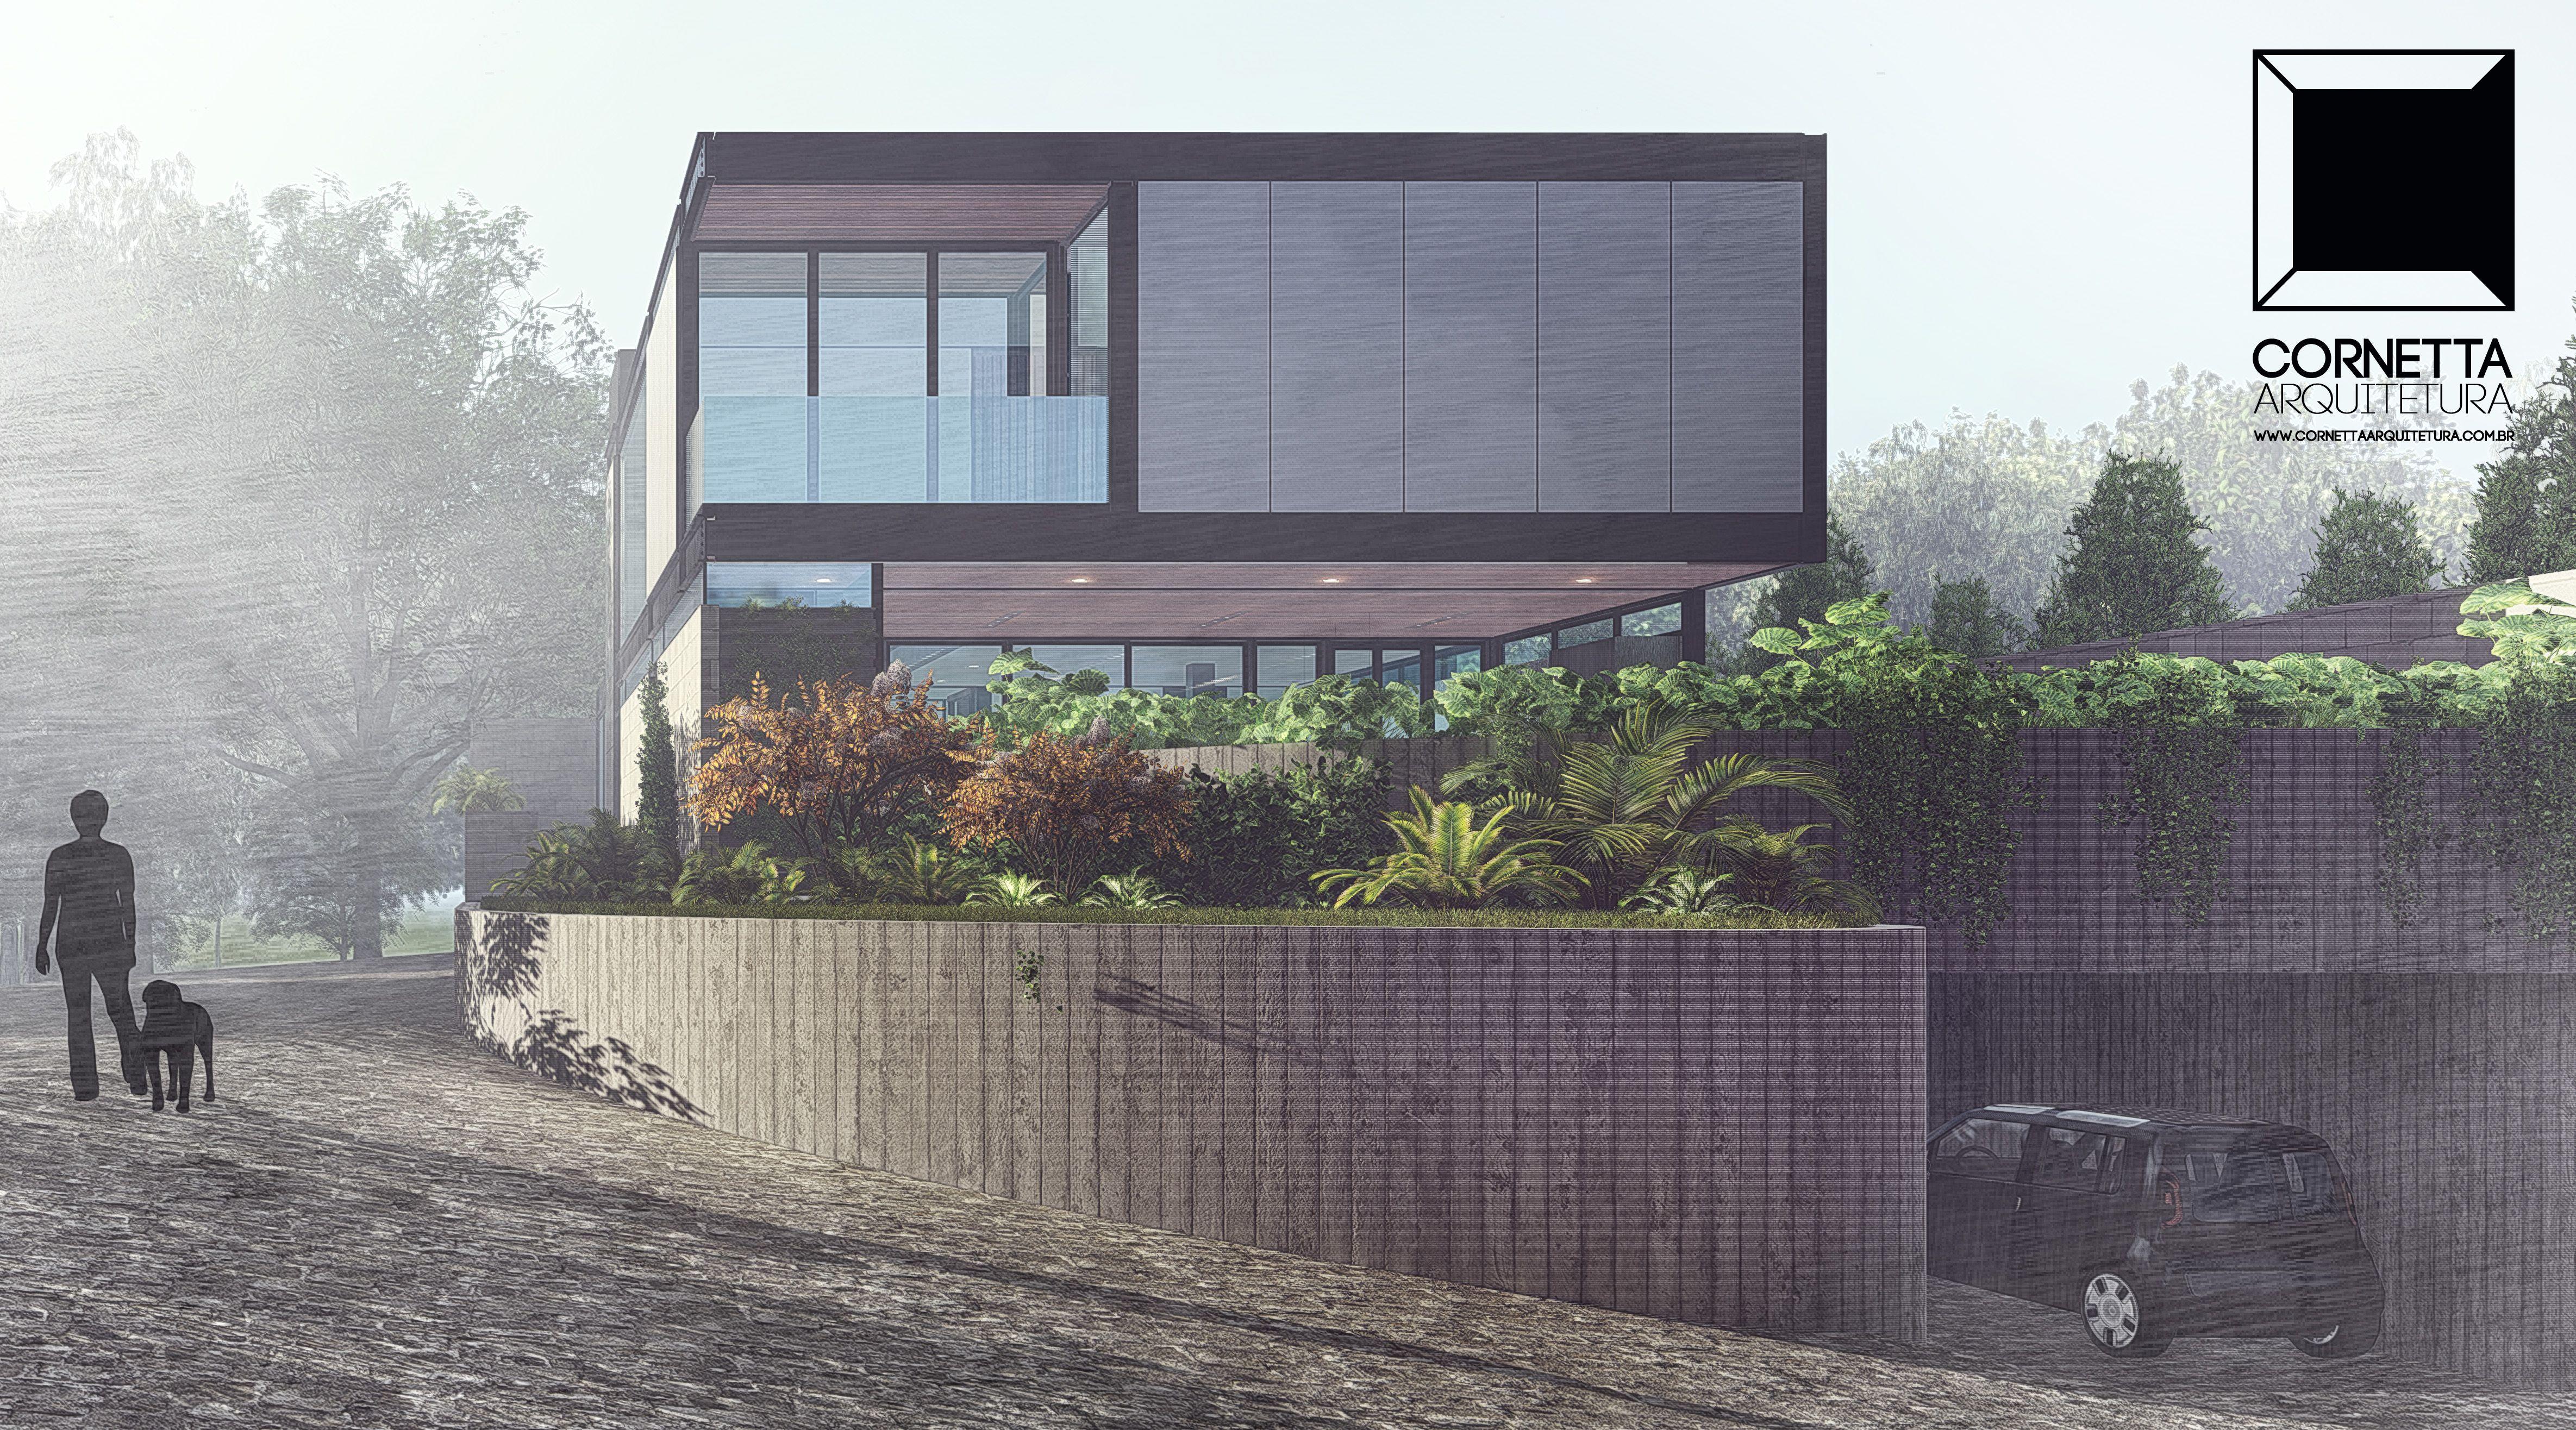 Estudo para casa em estrutura metálica. #cornetta #arquitetura #casasmodernas #estruturametalica #prefabricadas #loft